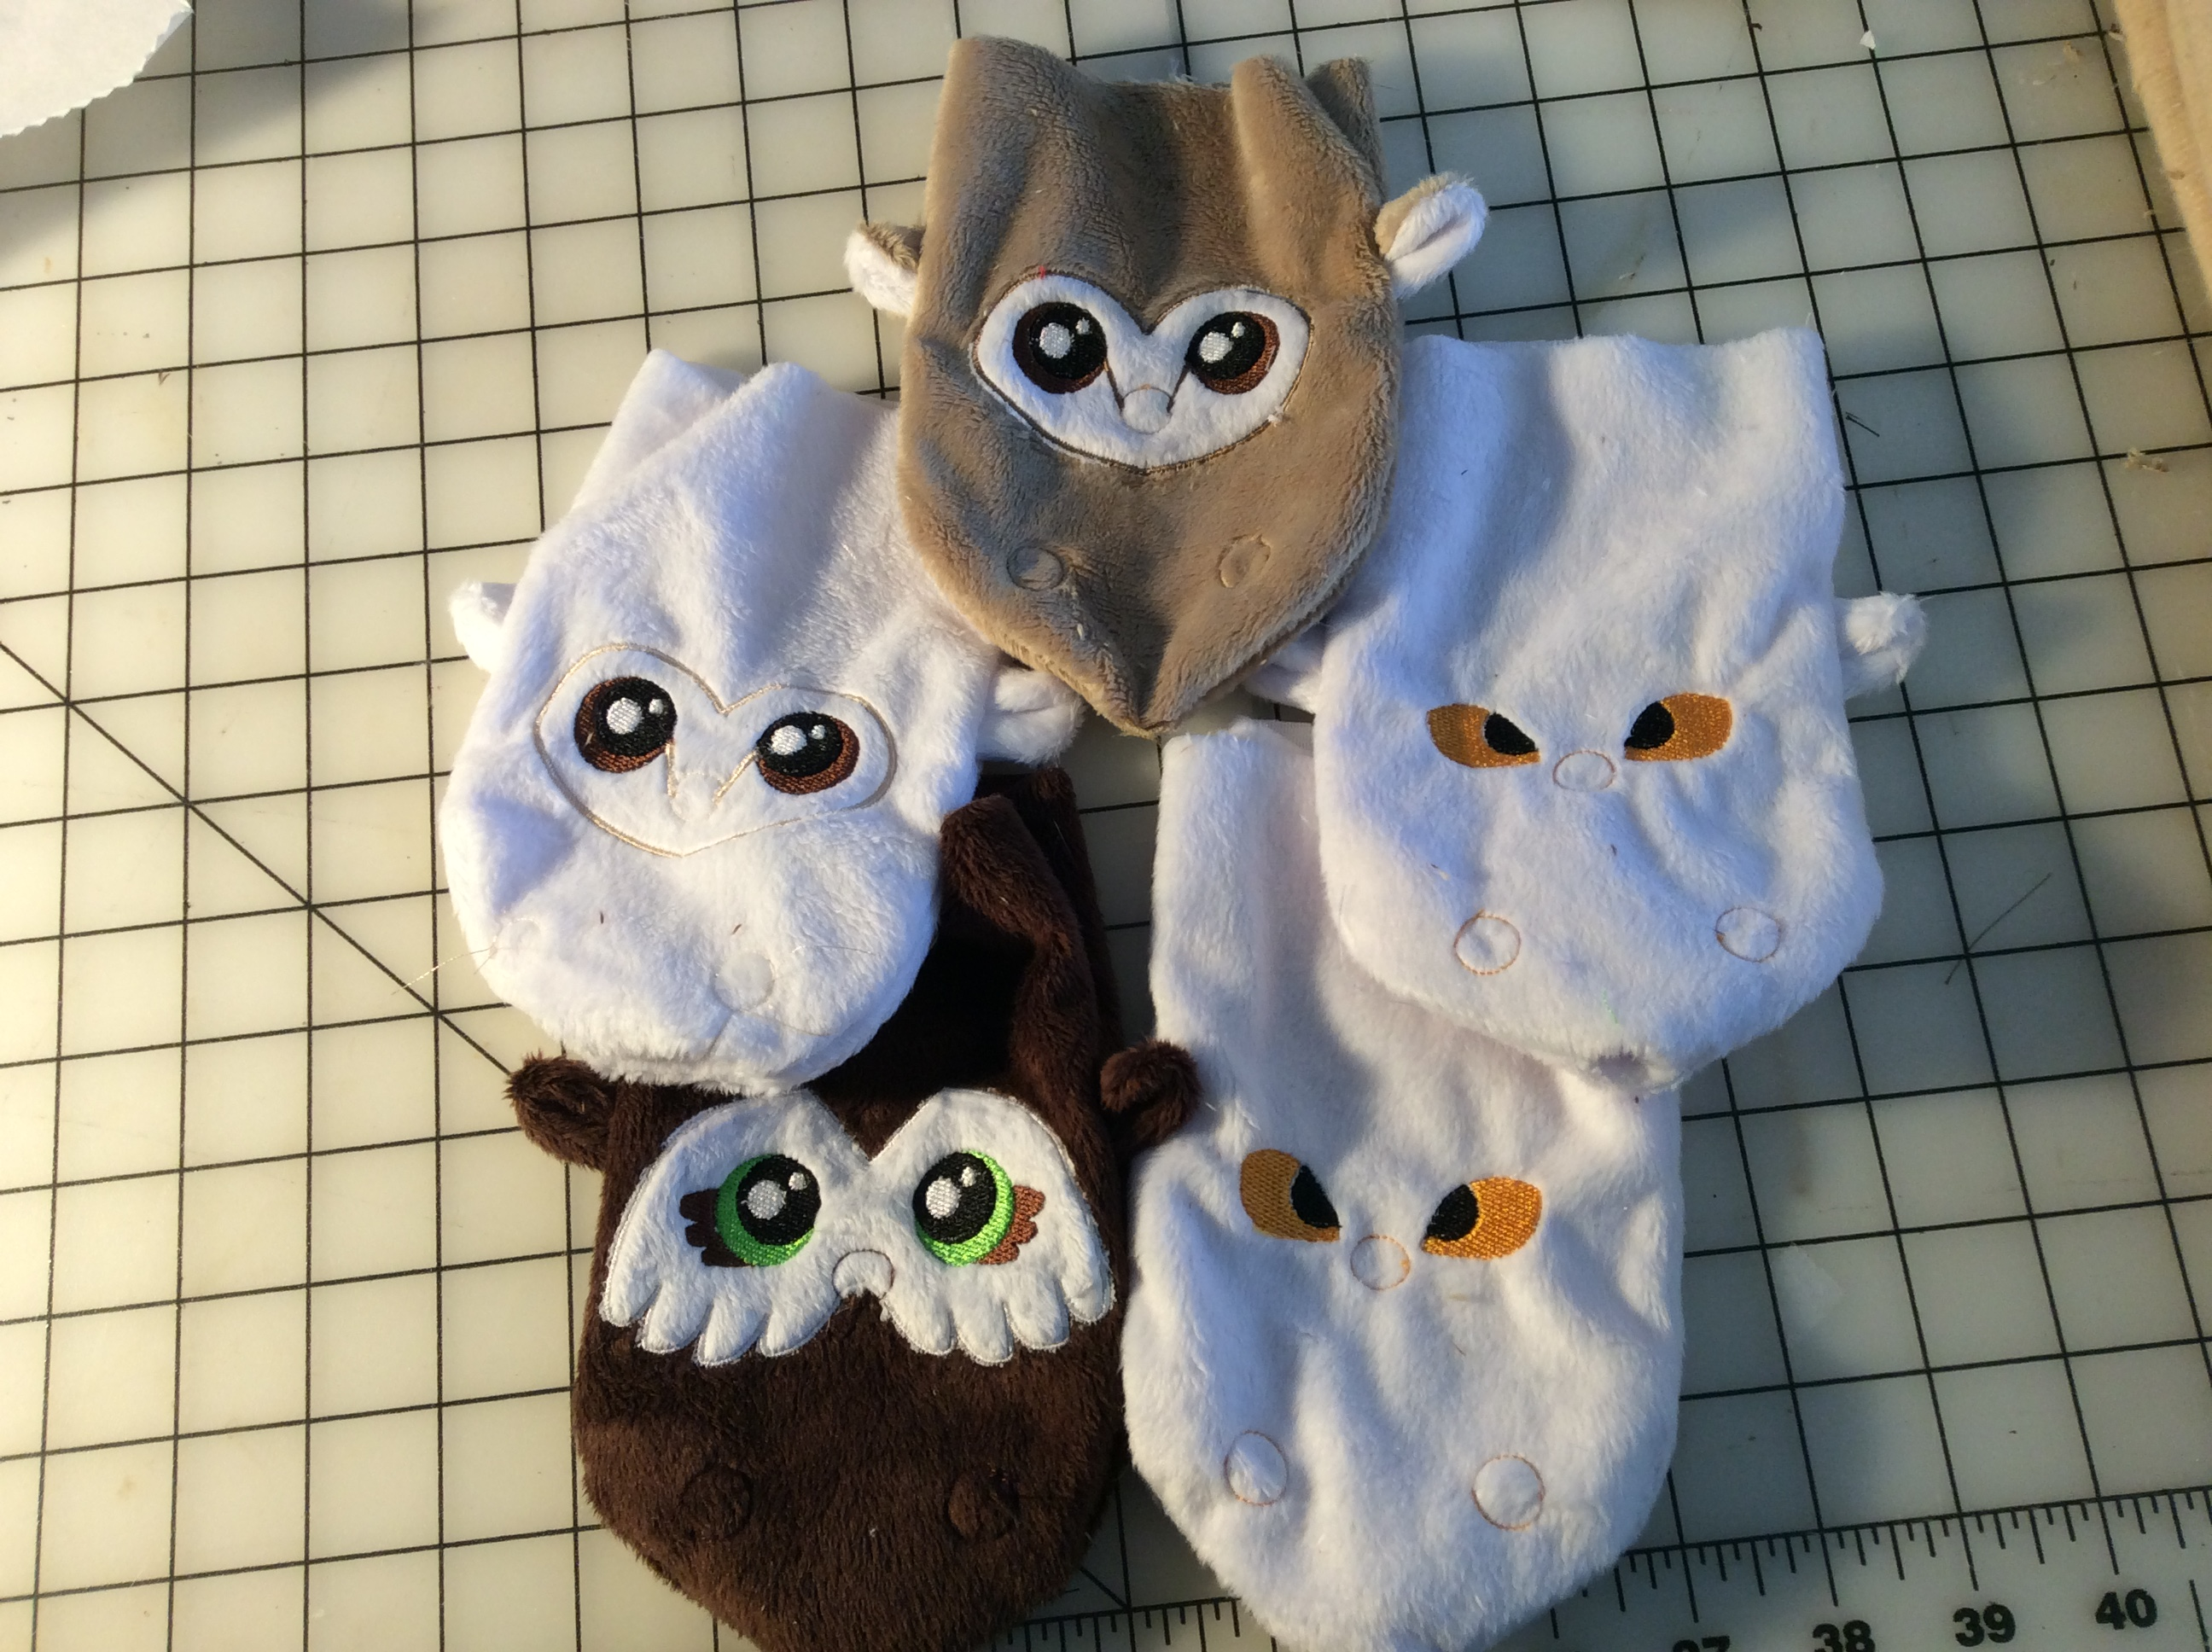 Owlbear dice bags in progress